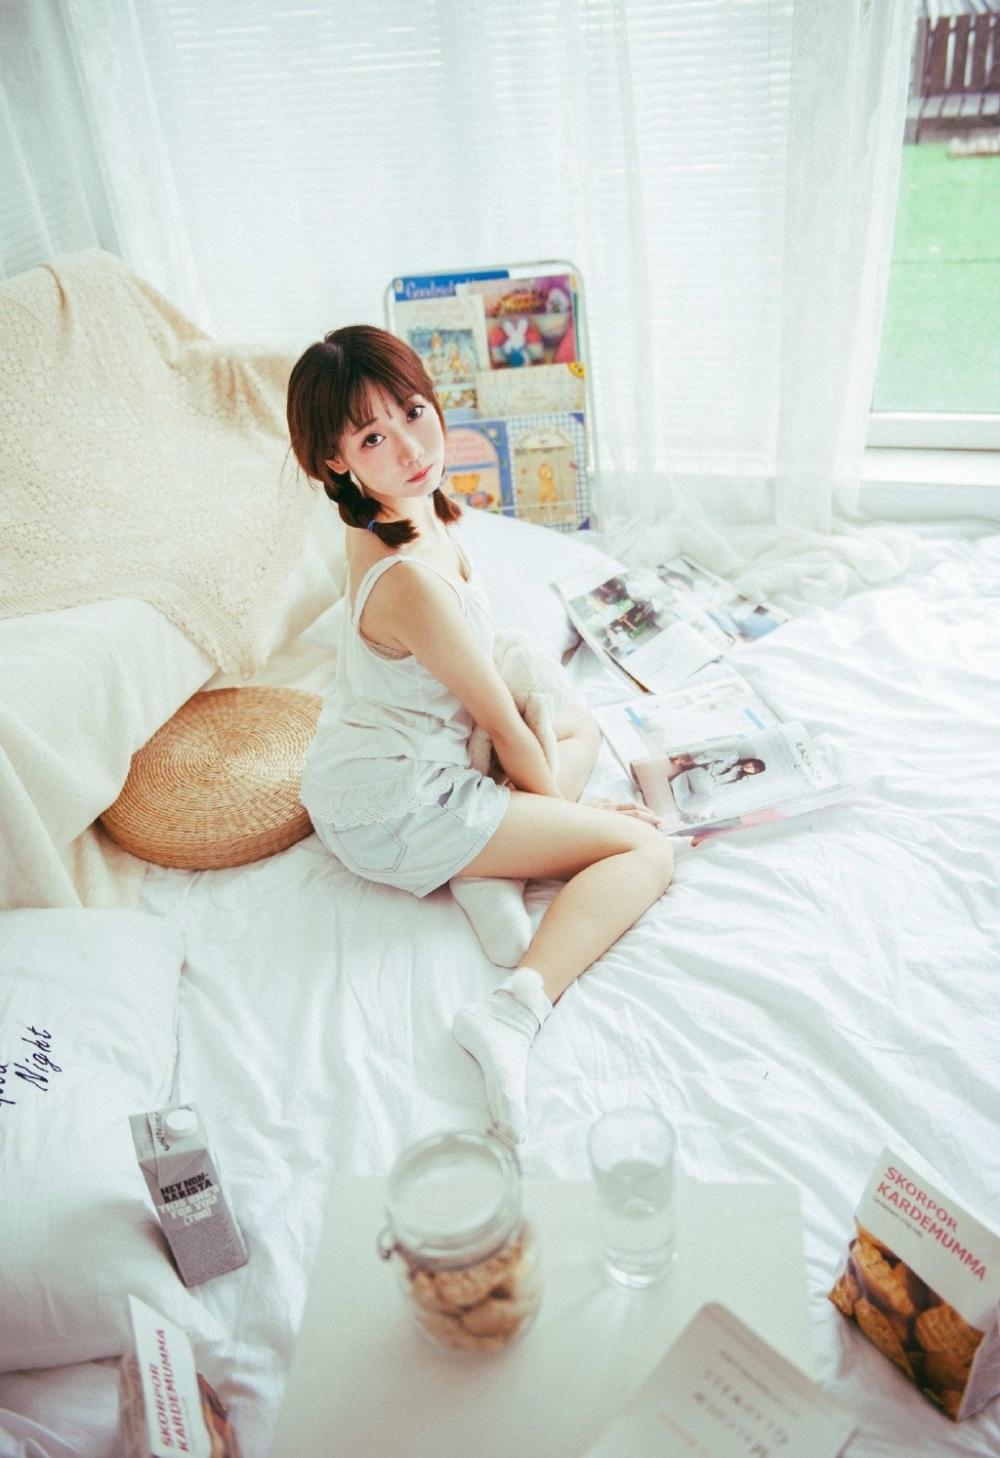 2KMI-095Beautyleg细长腿白丝美女高跟鞋写真